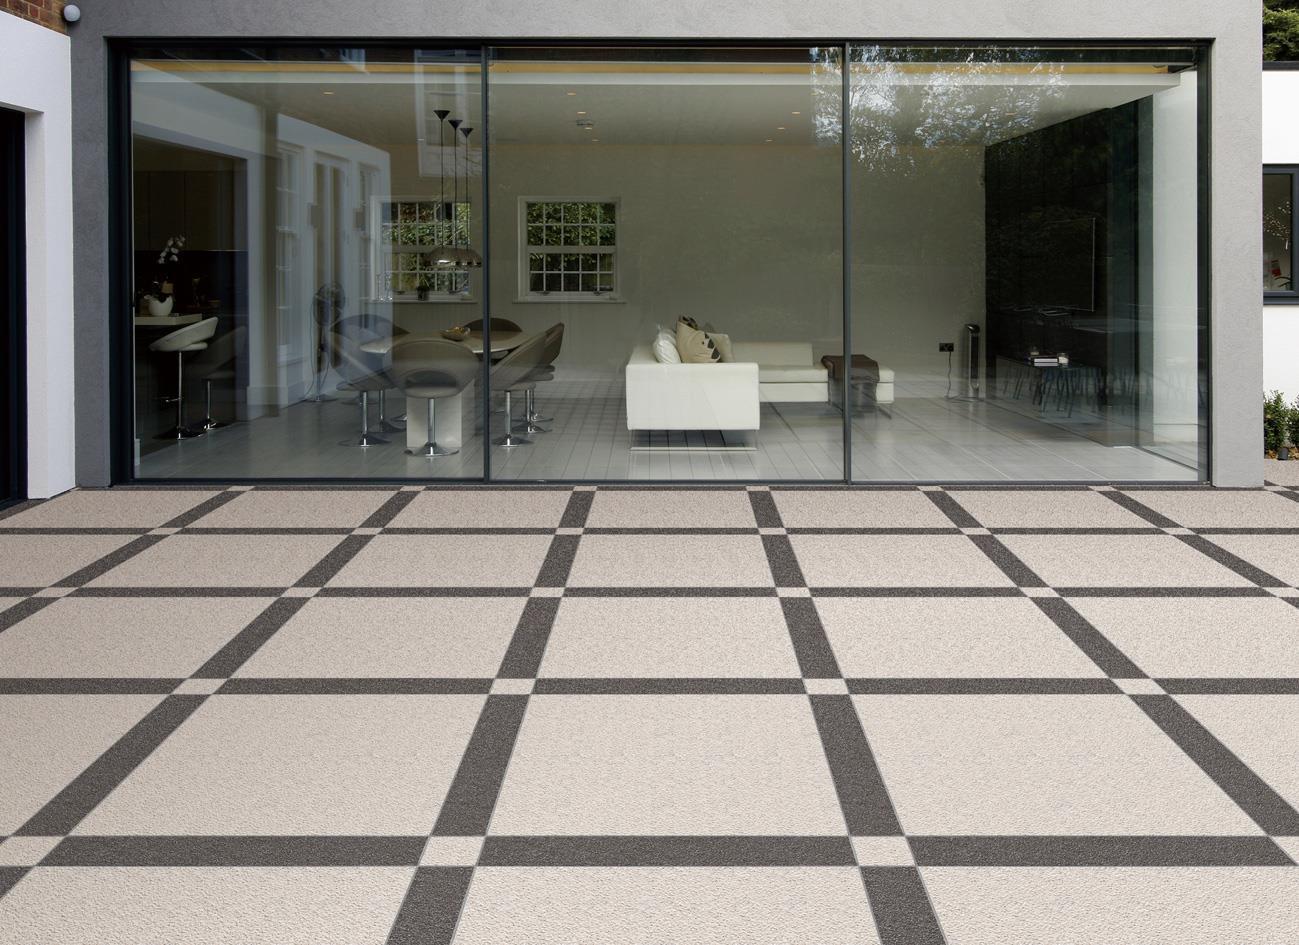 戶外地面瓷磚厚板的兩種鋪貼方式介紹